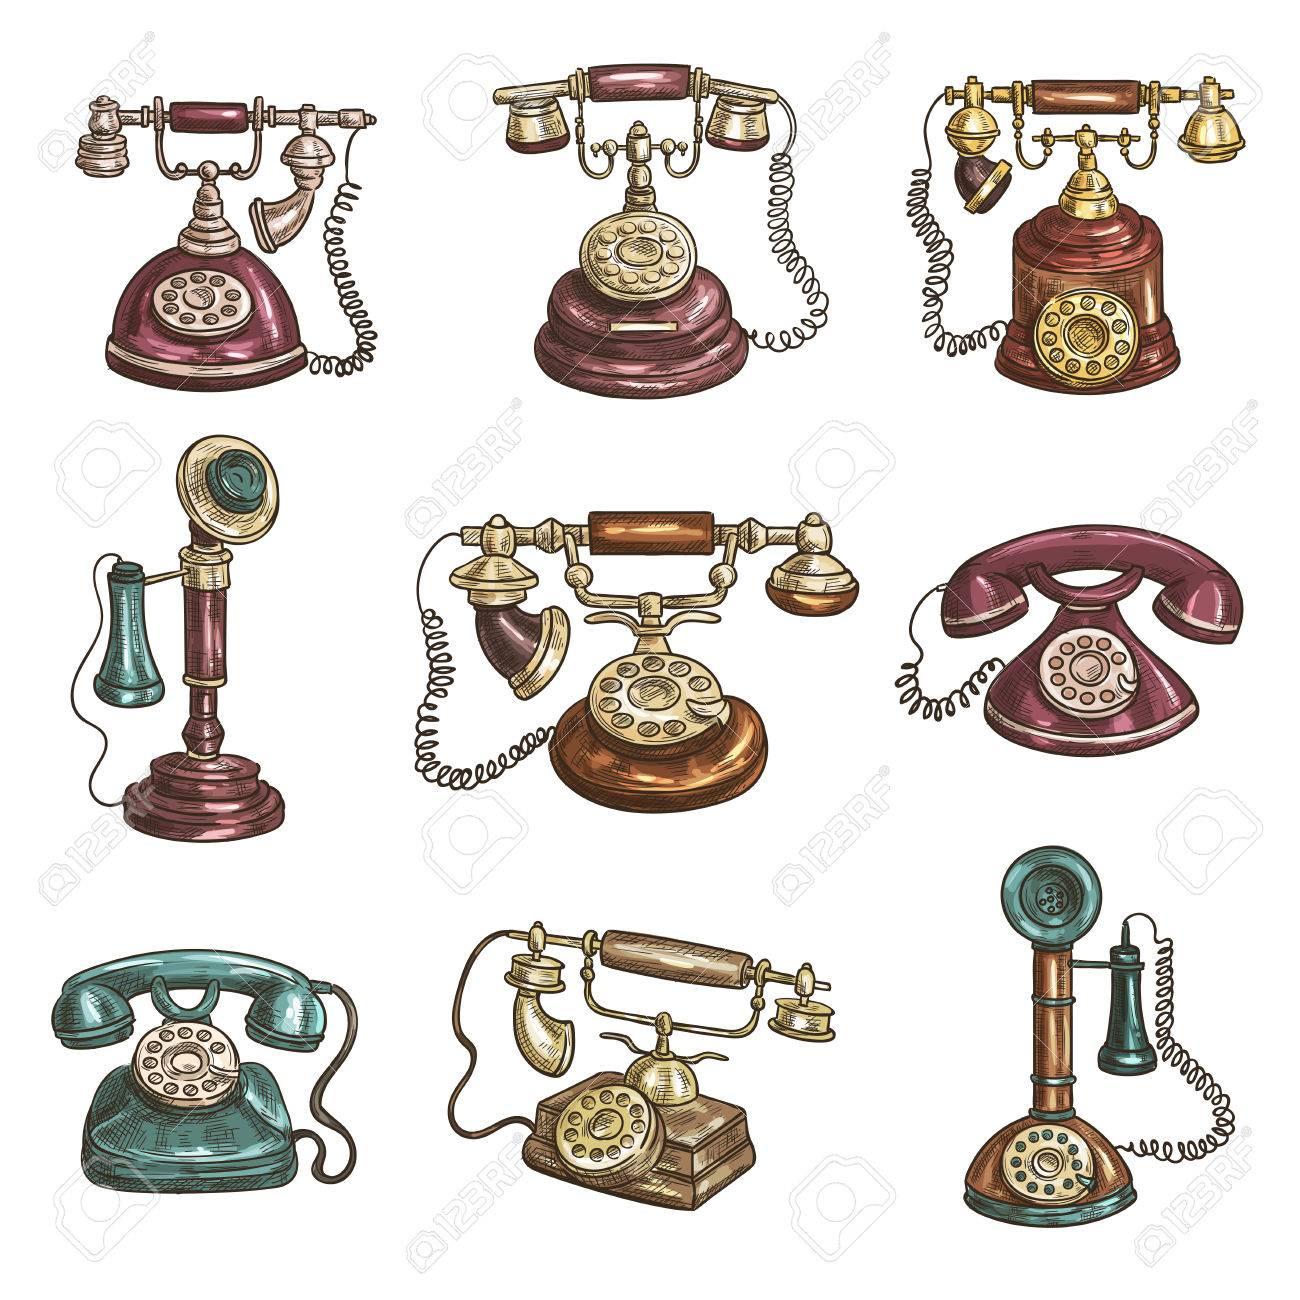 Los Teléfonos Antiguos De época Retro Con Los Receptores Los Diales